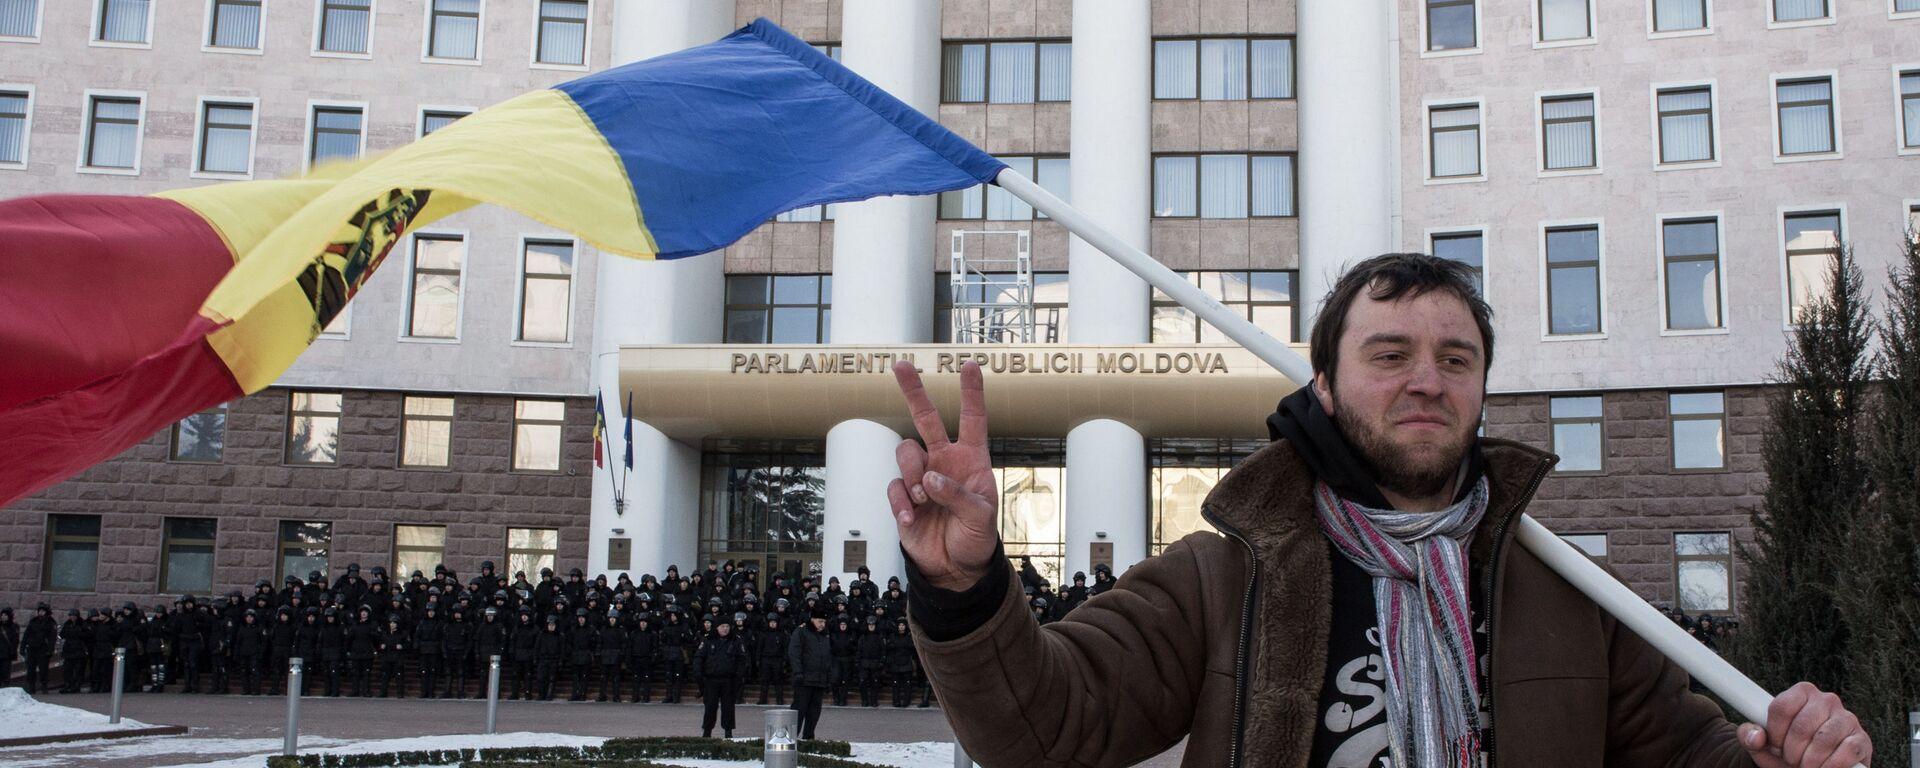 Uczestnik akcji protestacyjnej w Kiszyniowie pod budynkiem Parlamentu Republiki Mołdawii - Sputnik Polska, 1920, 25.08.2021